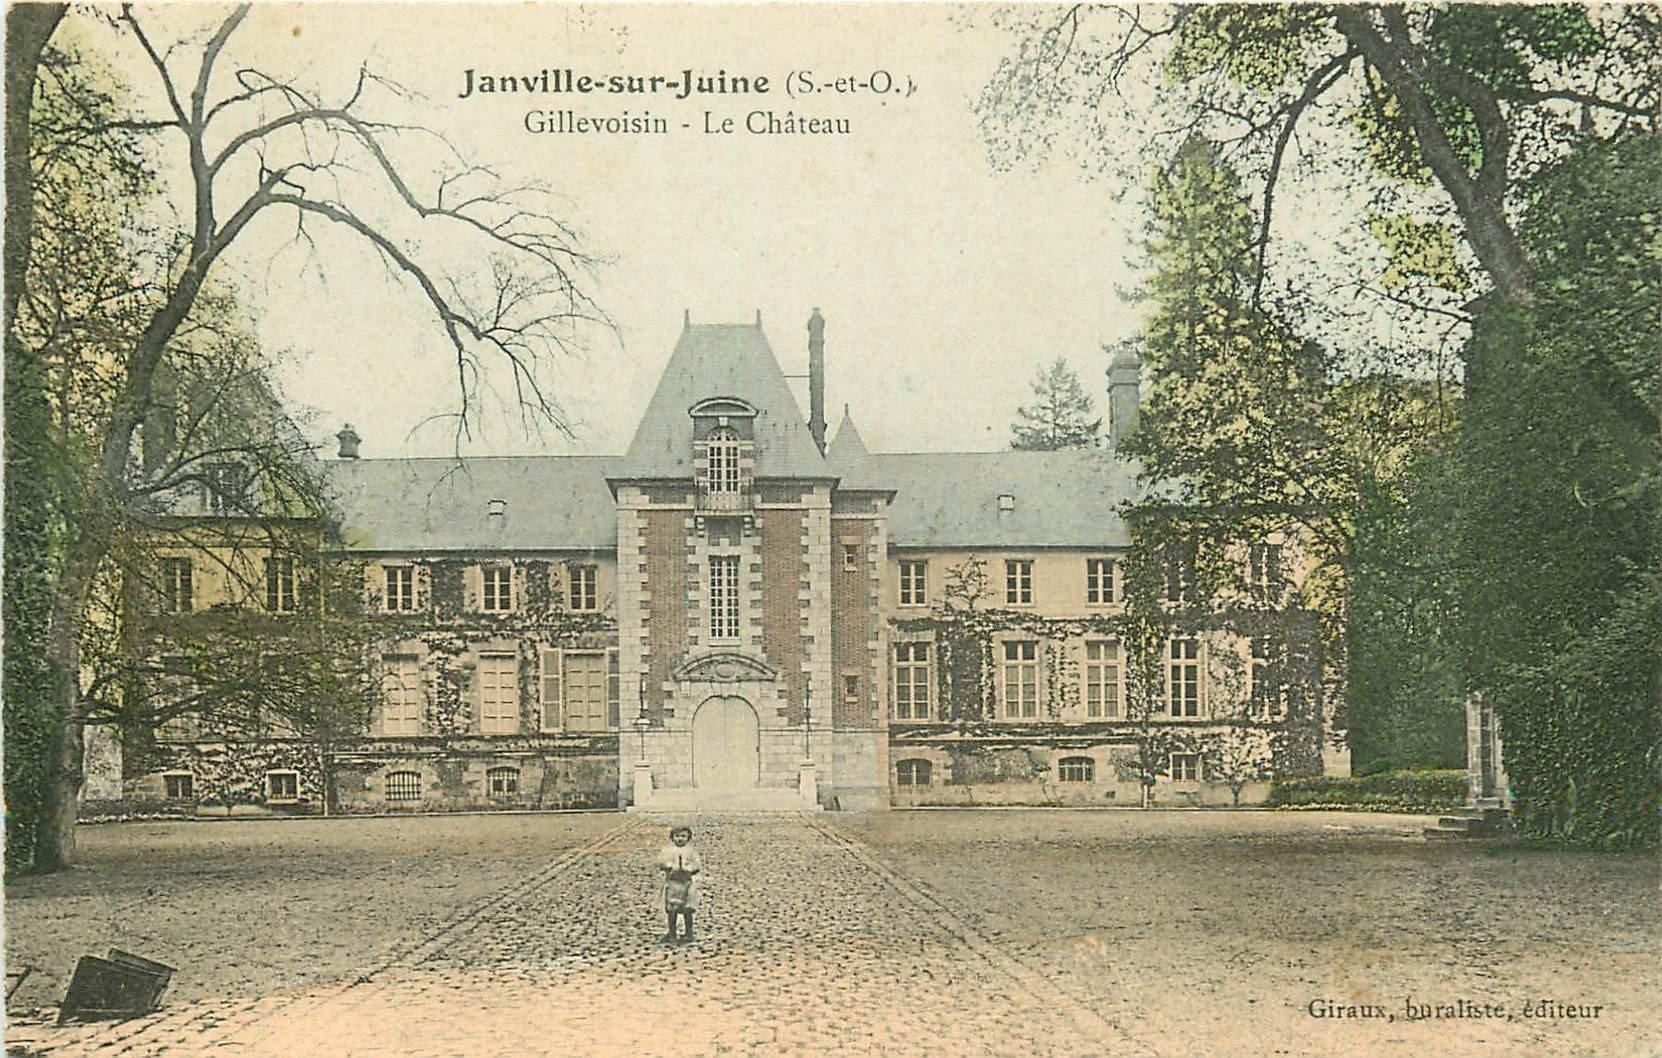 91 JANVILLE-SUR-JUINE. Gillevoisin. Le Château